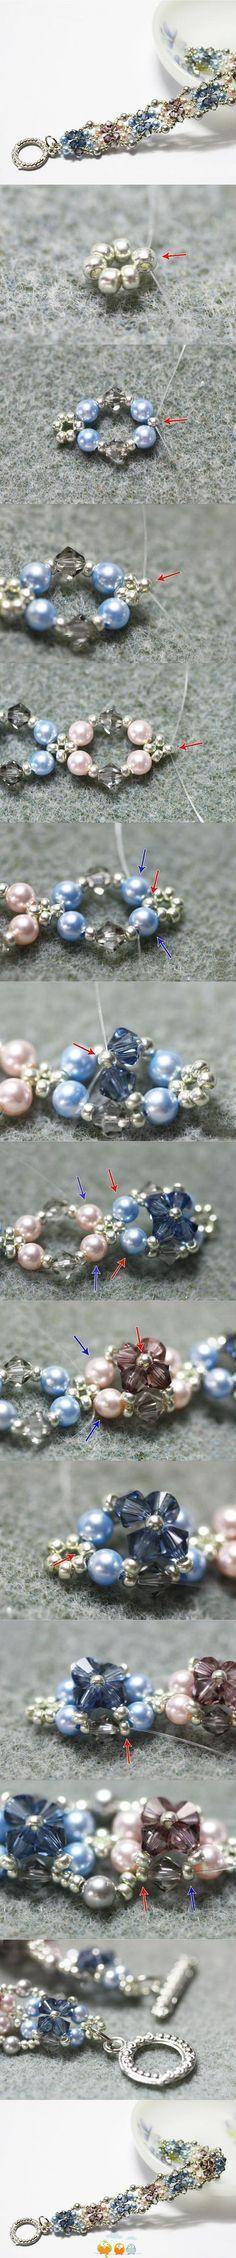 Brazalete elegante con perlas y chaquiras